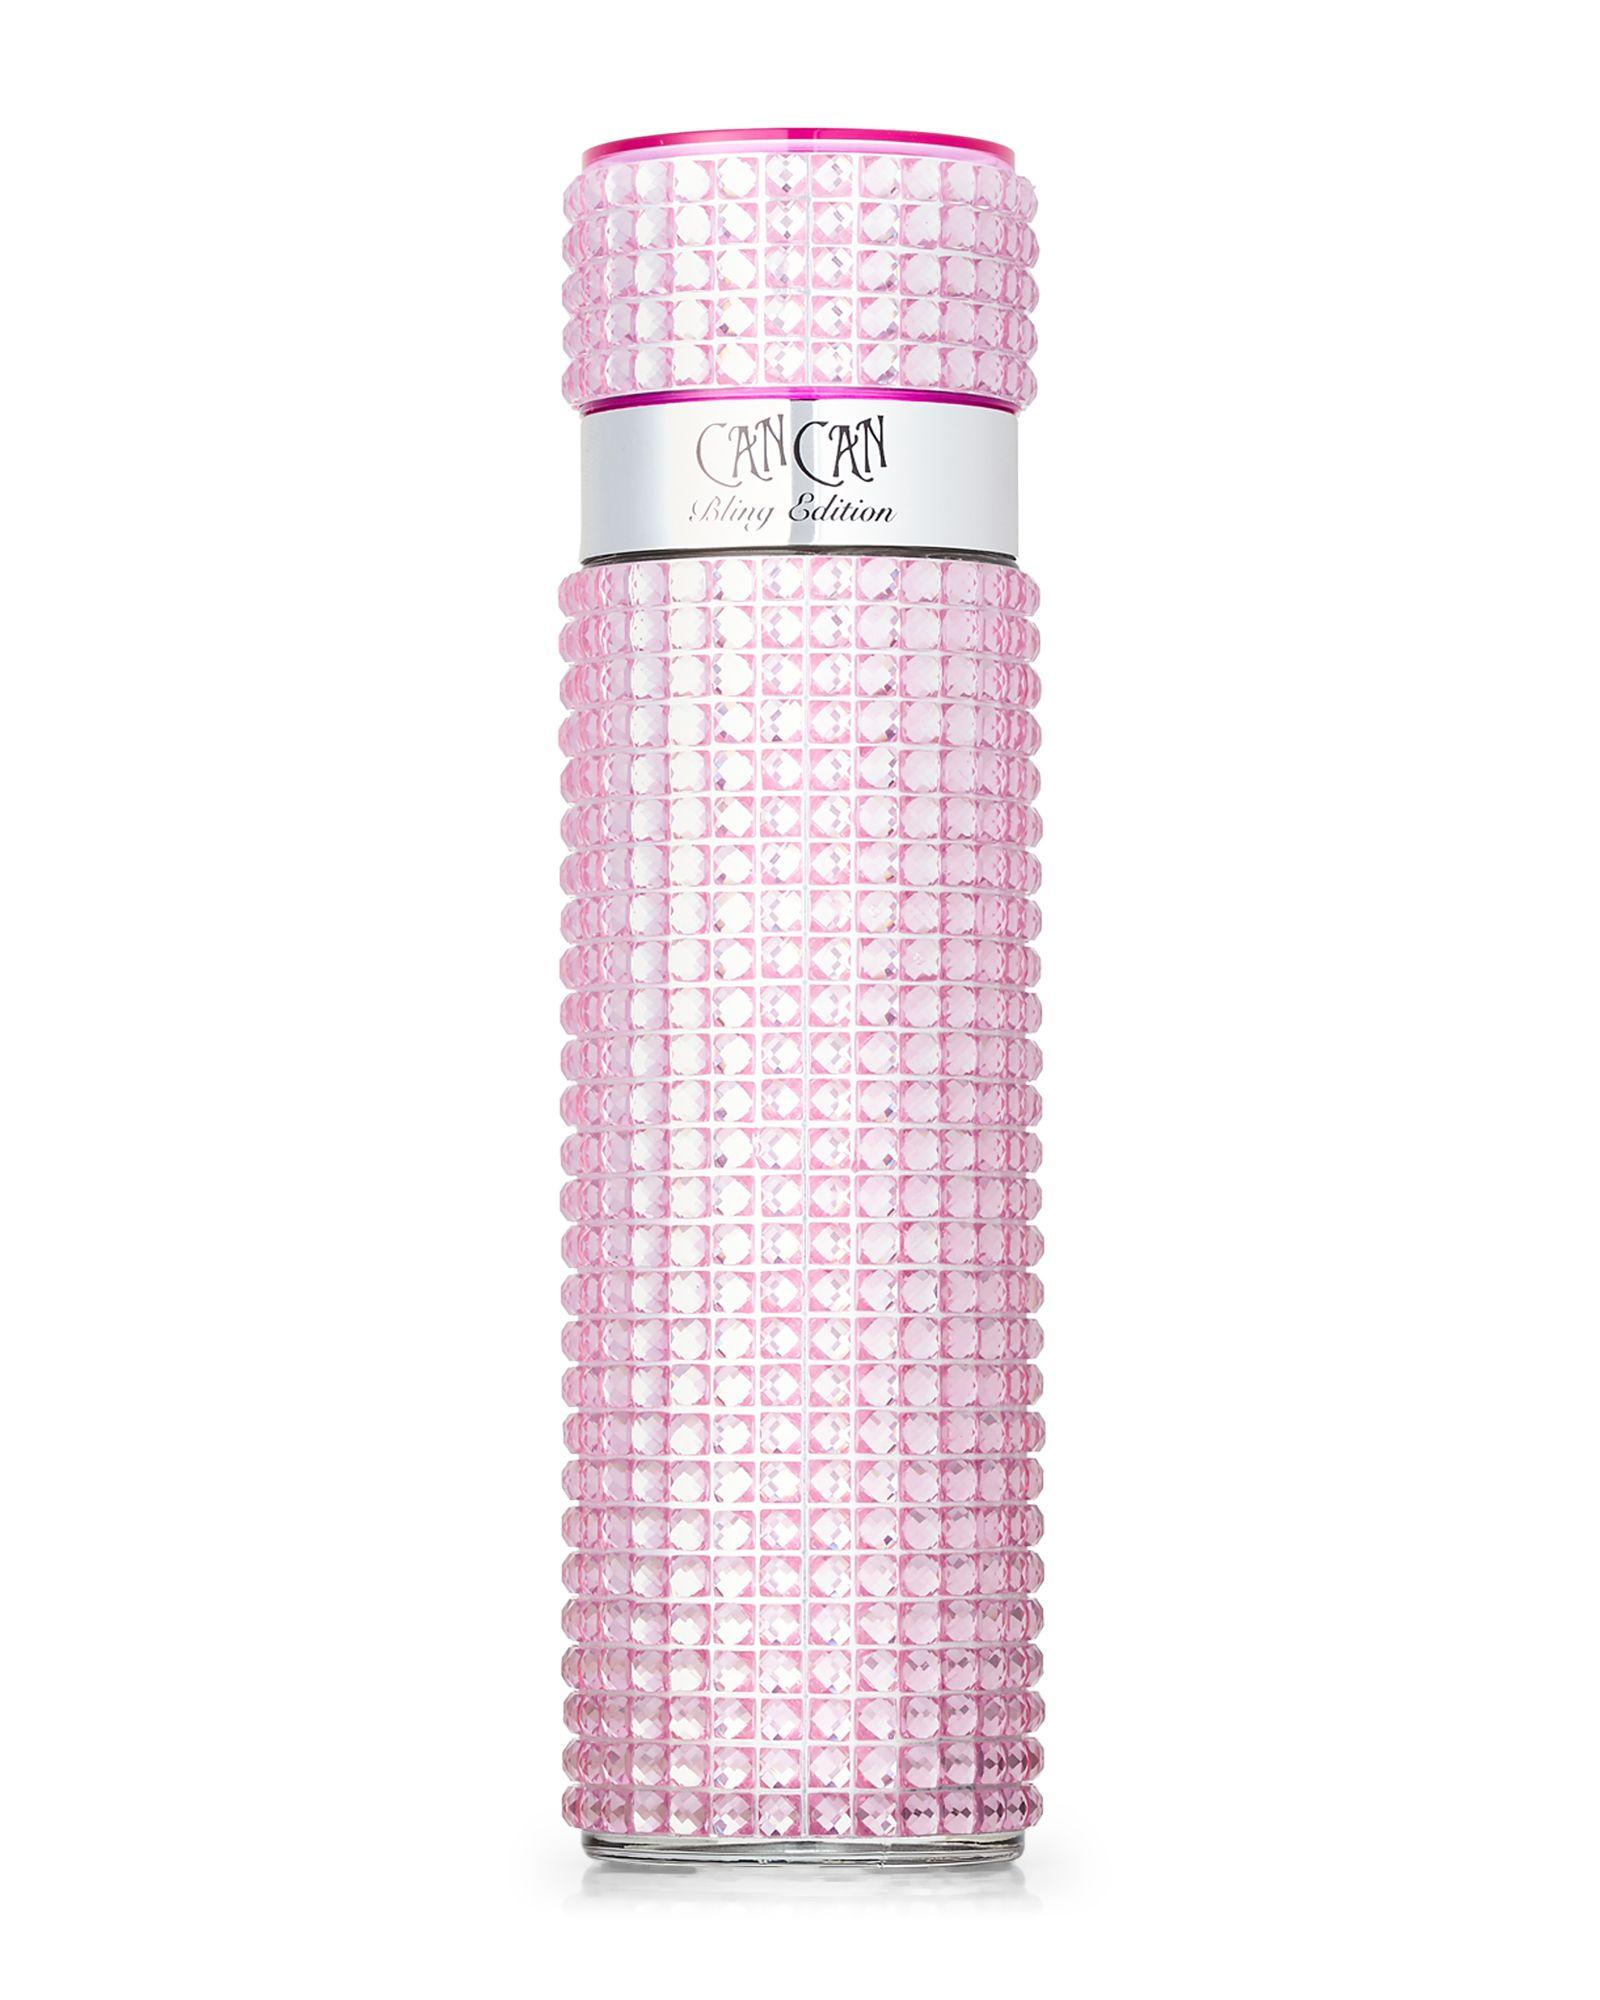 Paris Hilton Can Can Bling Collection Perfume 3.4 oz. Spray ... c75bba8249